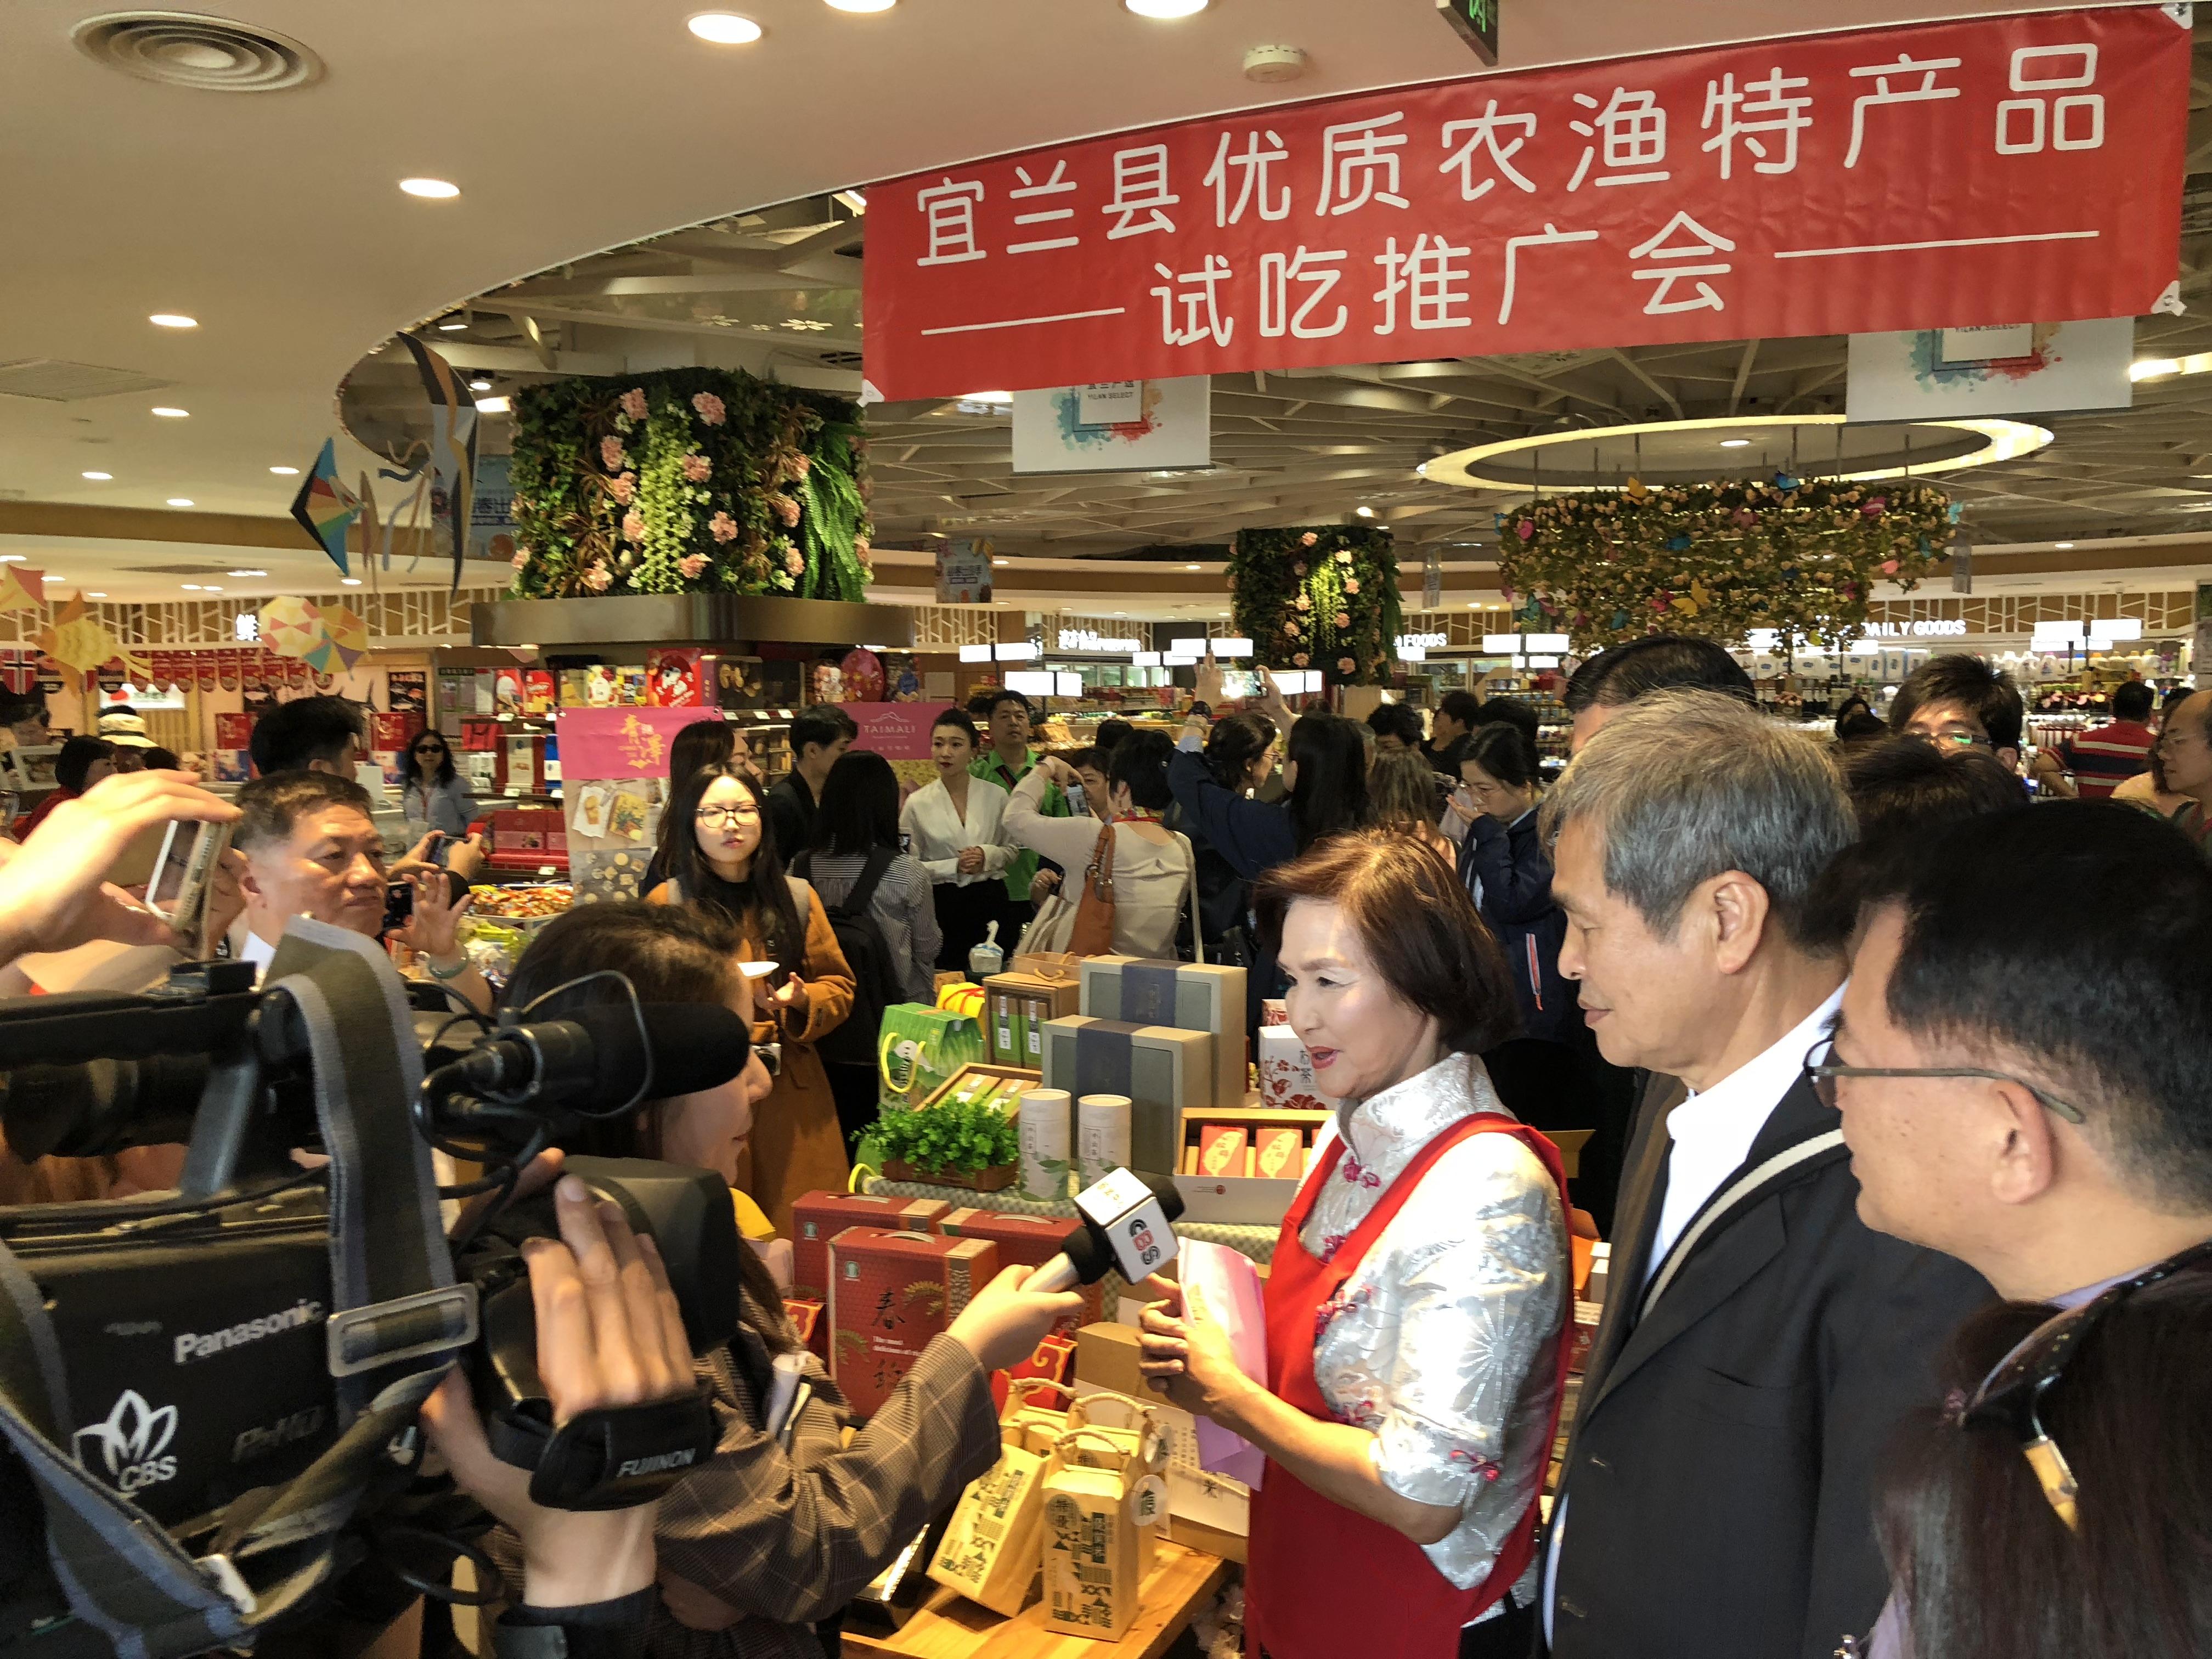 宜蘭赴南京,常州,上海推廣案 – 臺灣旅遊交流協會